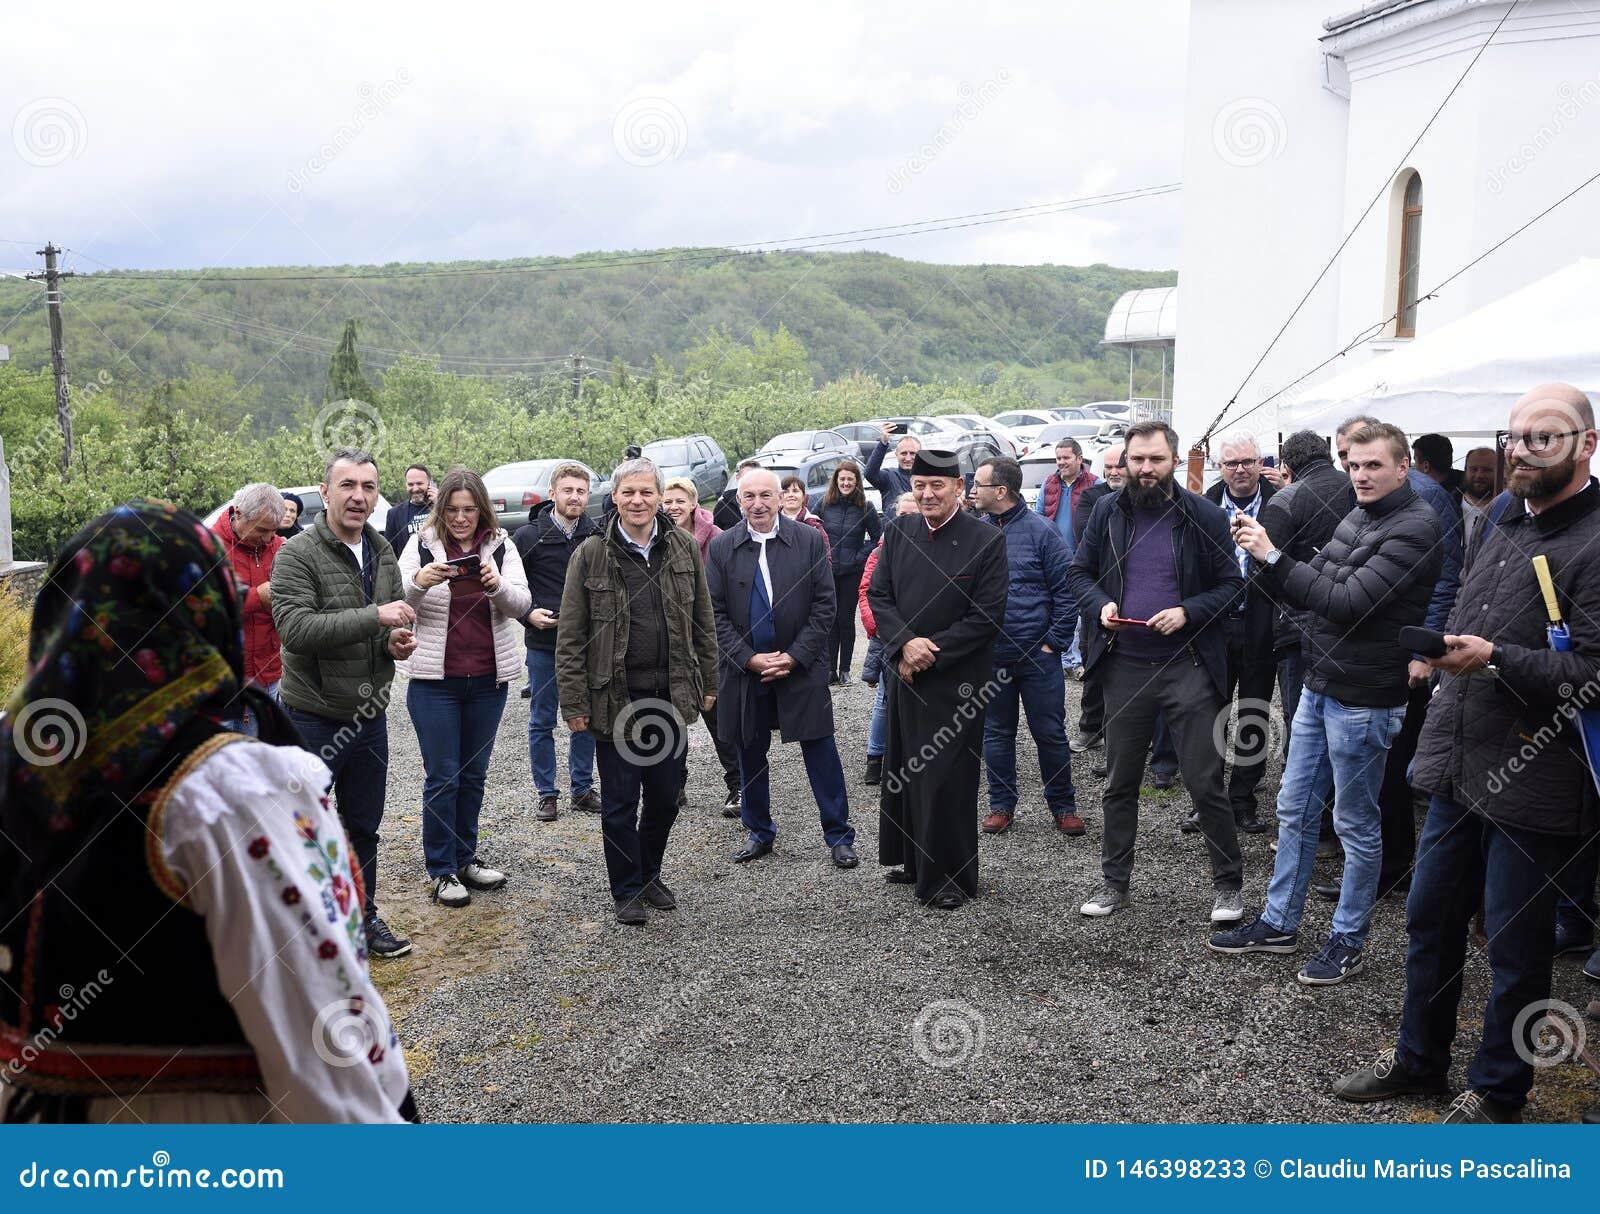 Le premier ministre ex de la Roumanie Dacian Ciolos a invité au village de Badacin, pays de Salaj, Roumanie